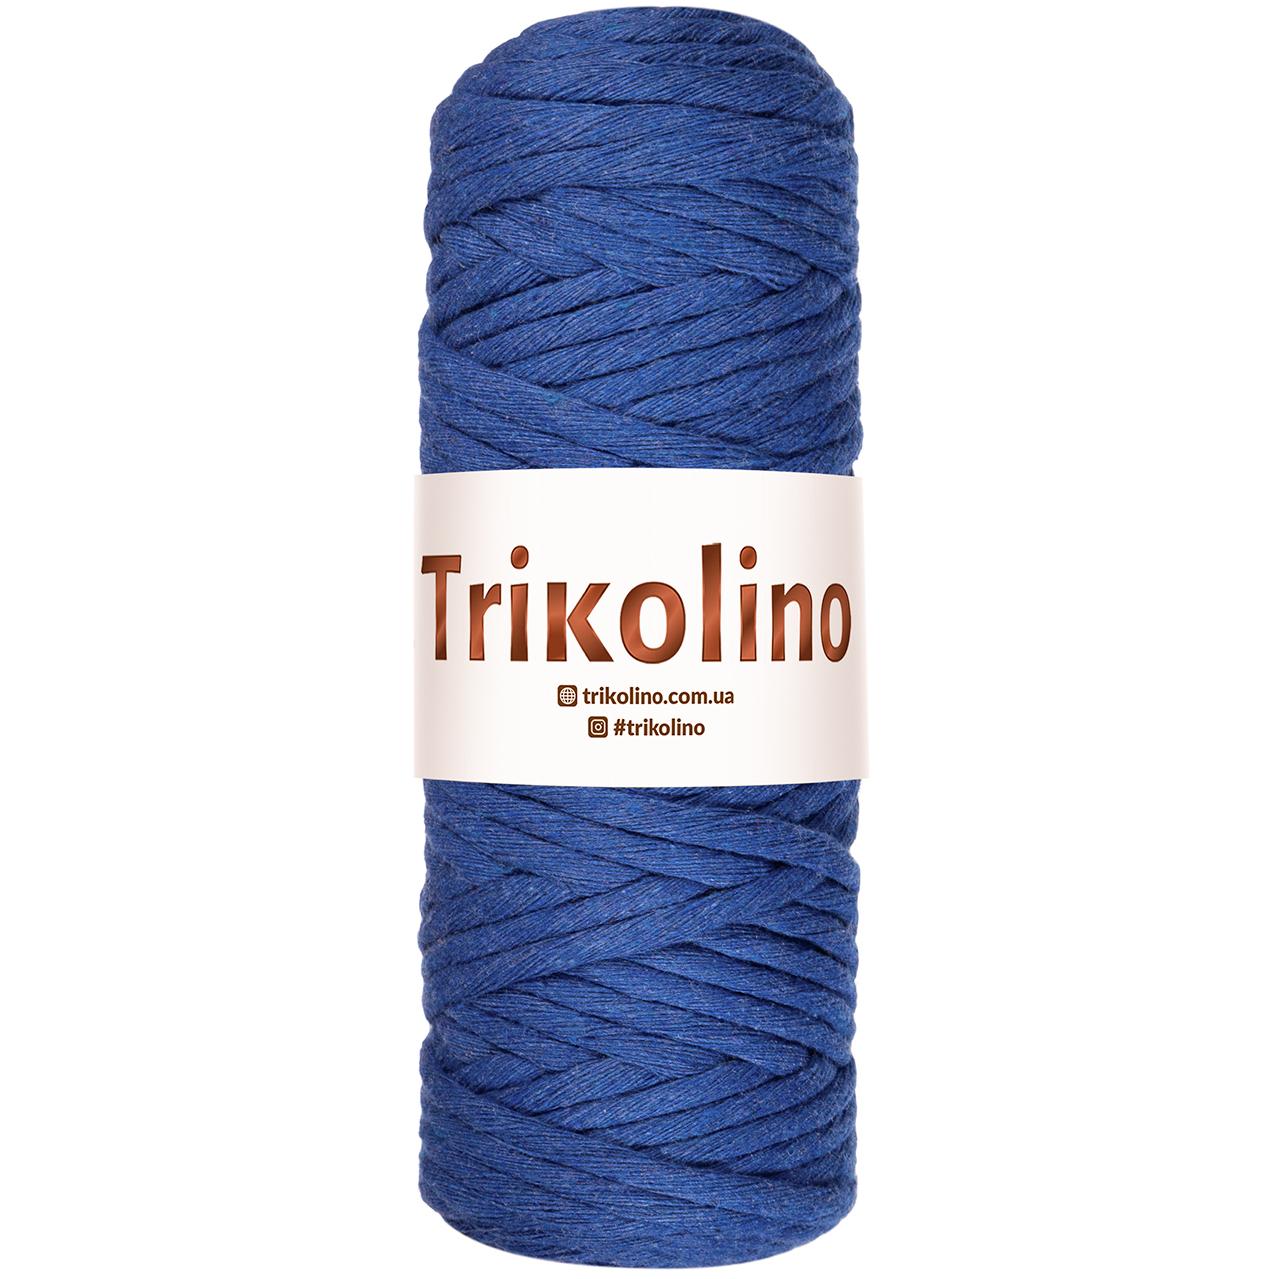 Шнур для макраме Trikolino Синий 4-6мм